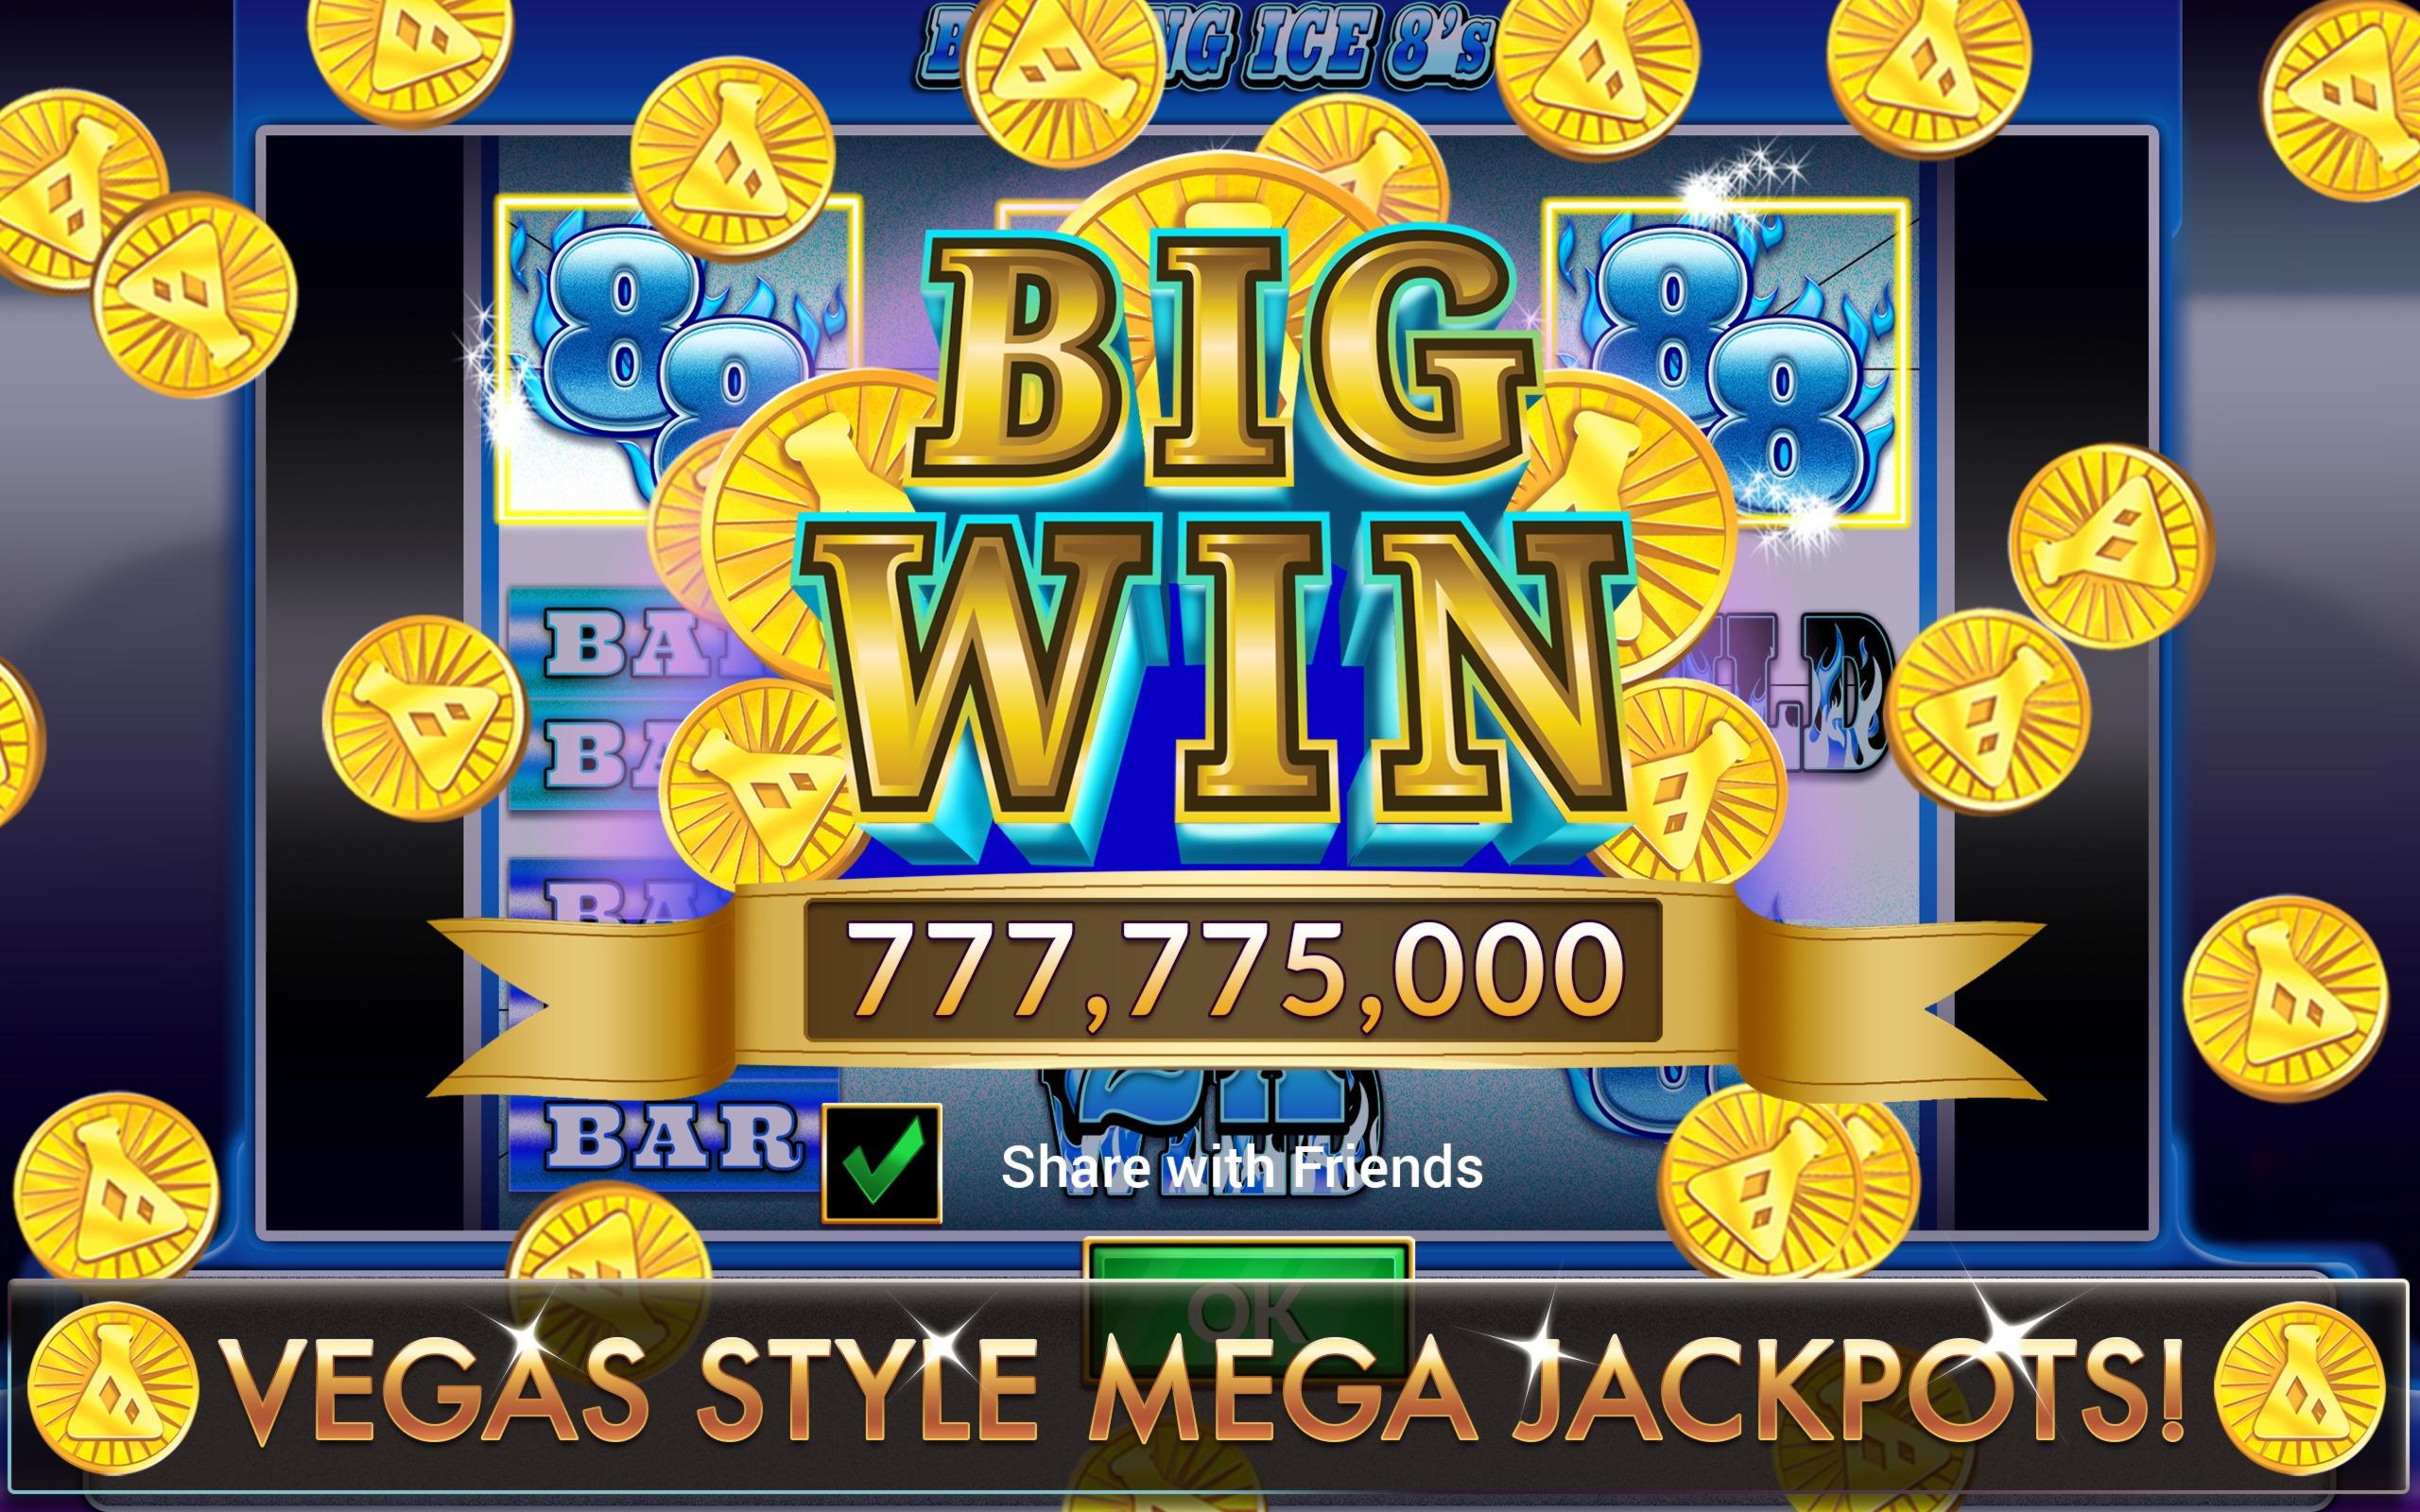 $500 Tournament at Casino.com